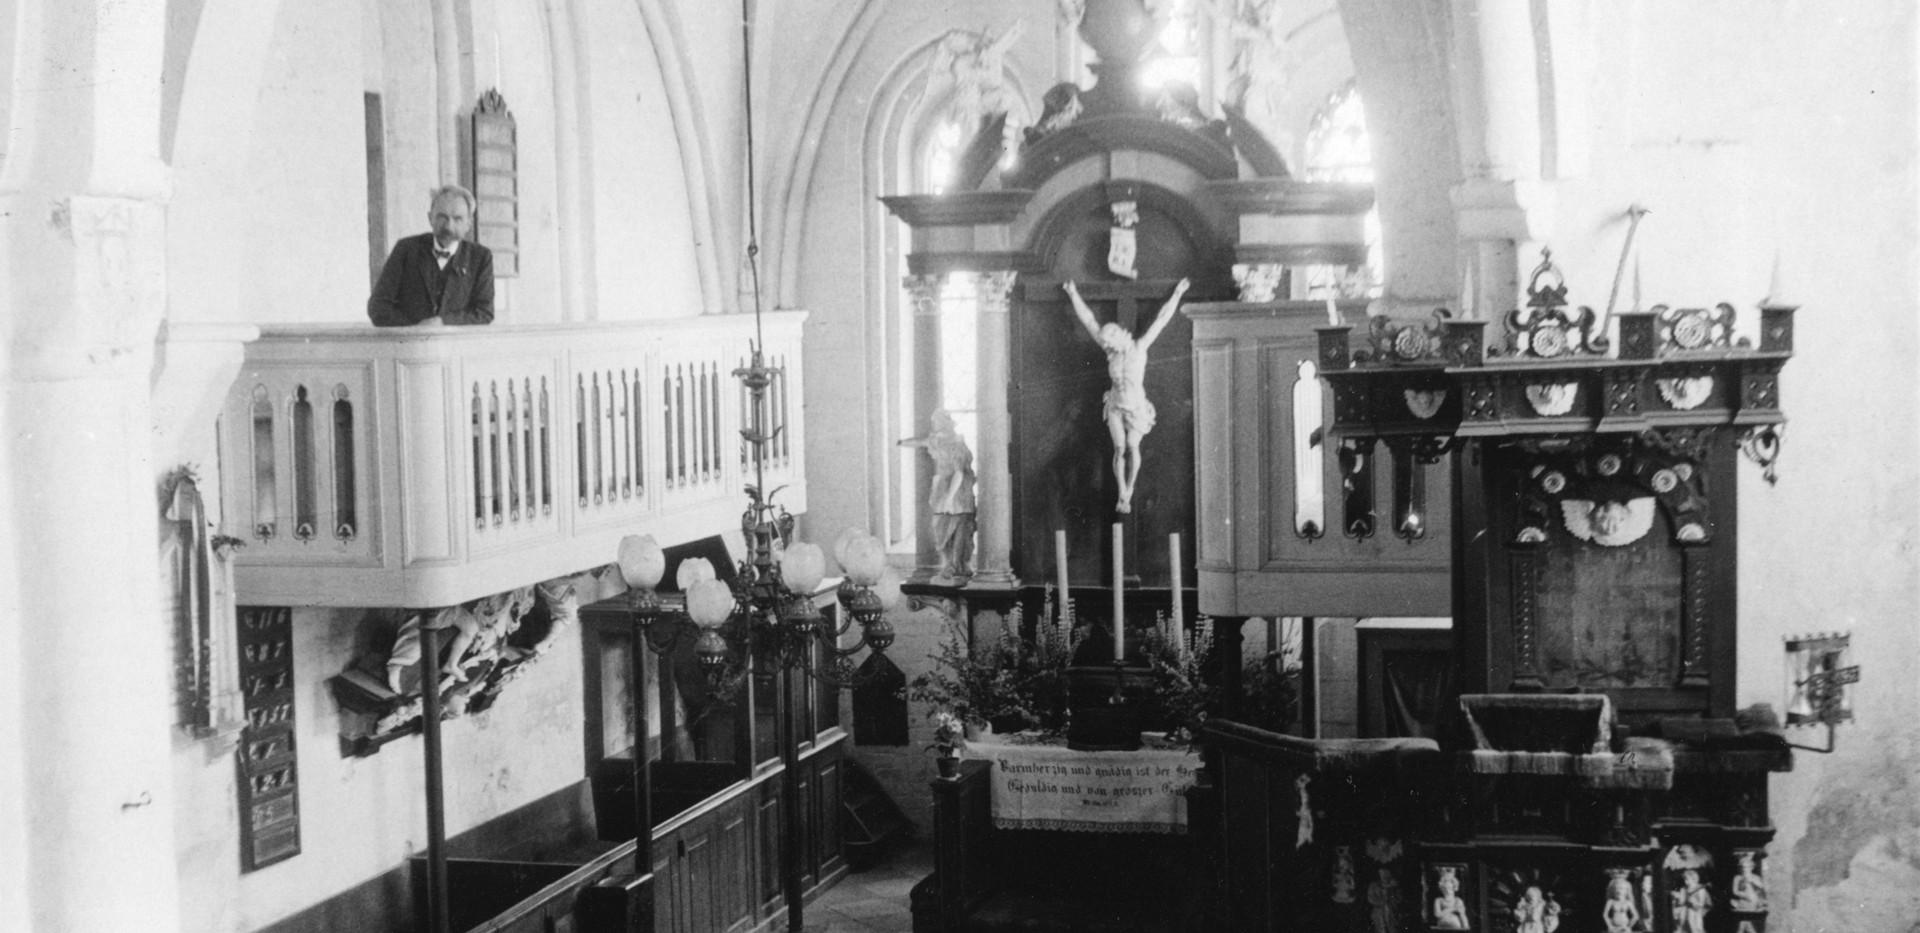 Altarbereich 1933